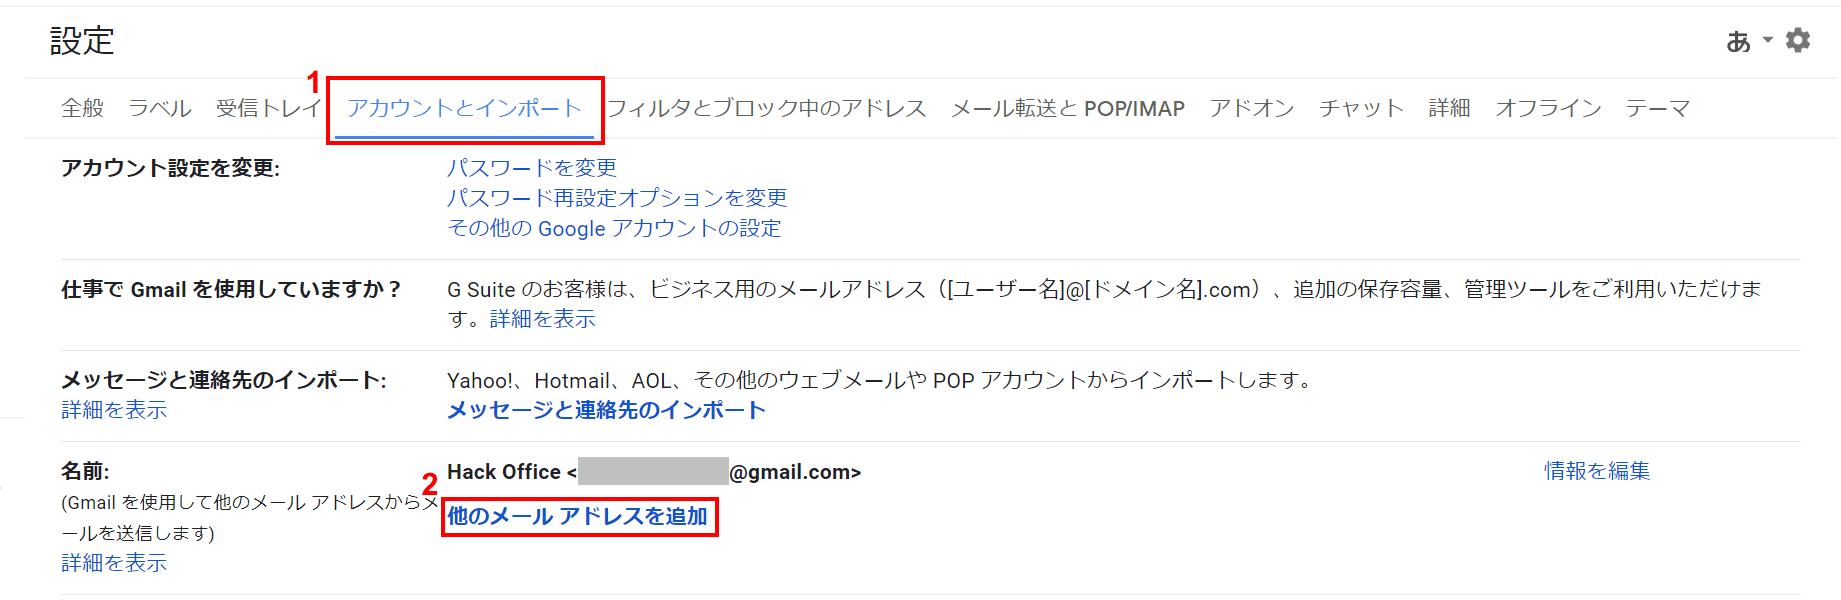 他のメールアドレスを追加を選択